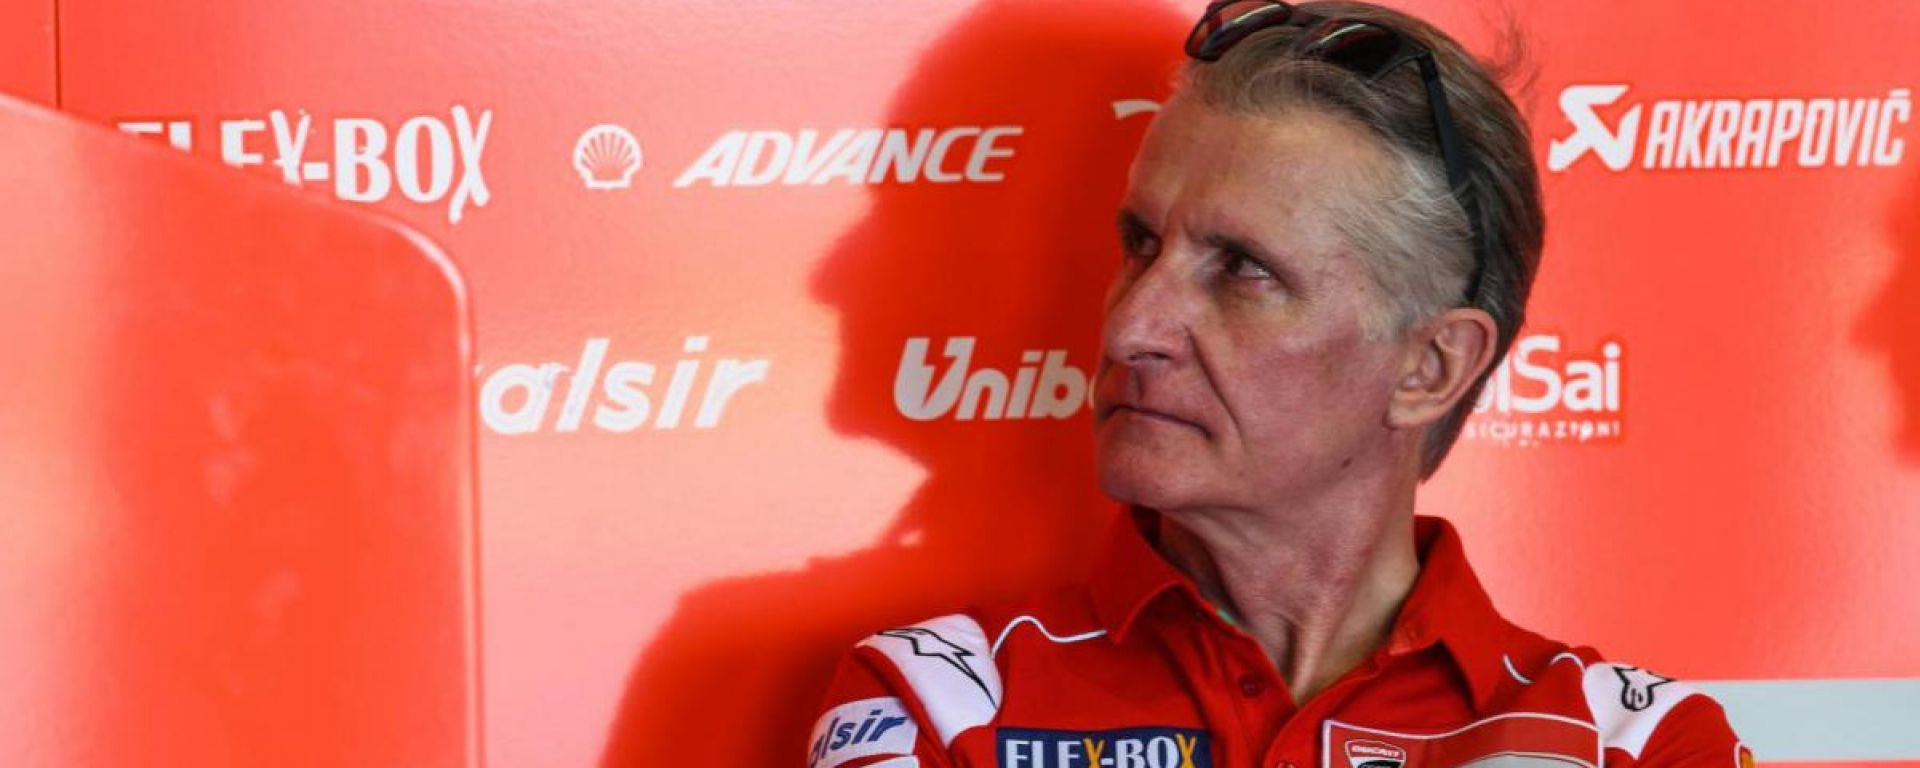 Paolo Ciabatti, direttore sportivo di Ducati Corse